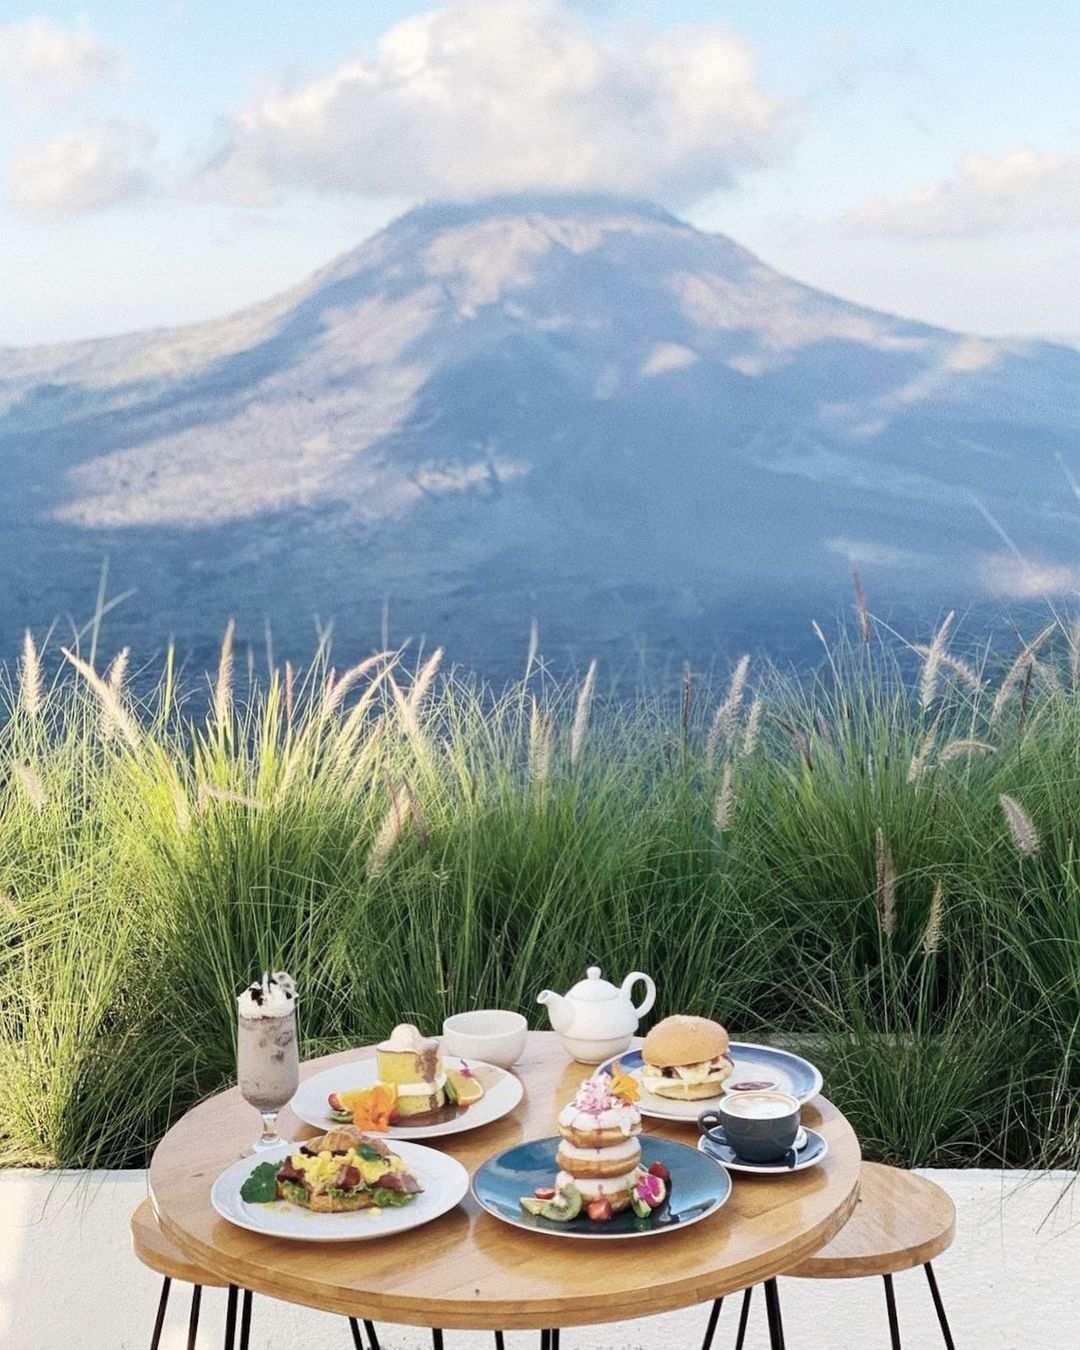 Pemandangan di Montana Del Cafe Bali, Image From @montanacafebali